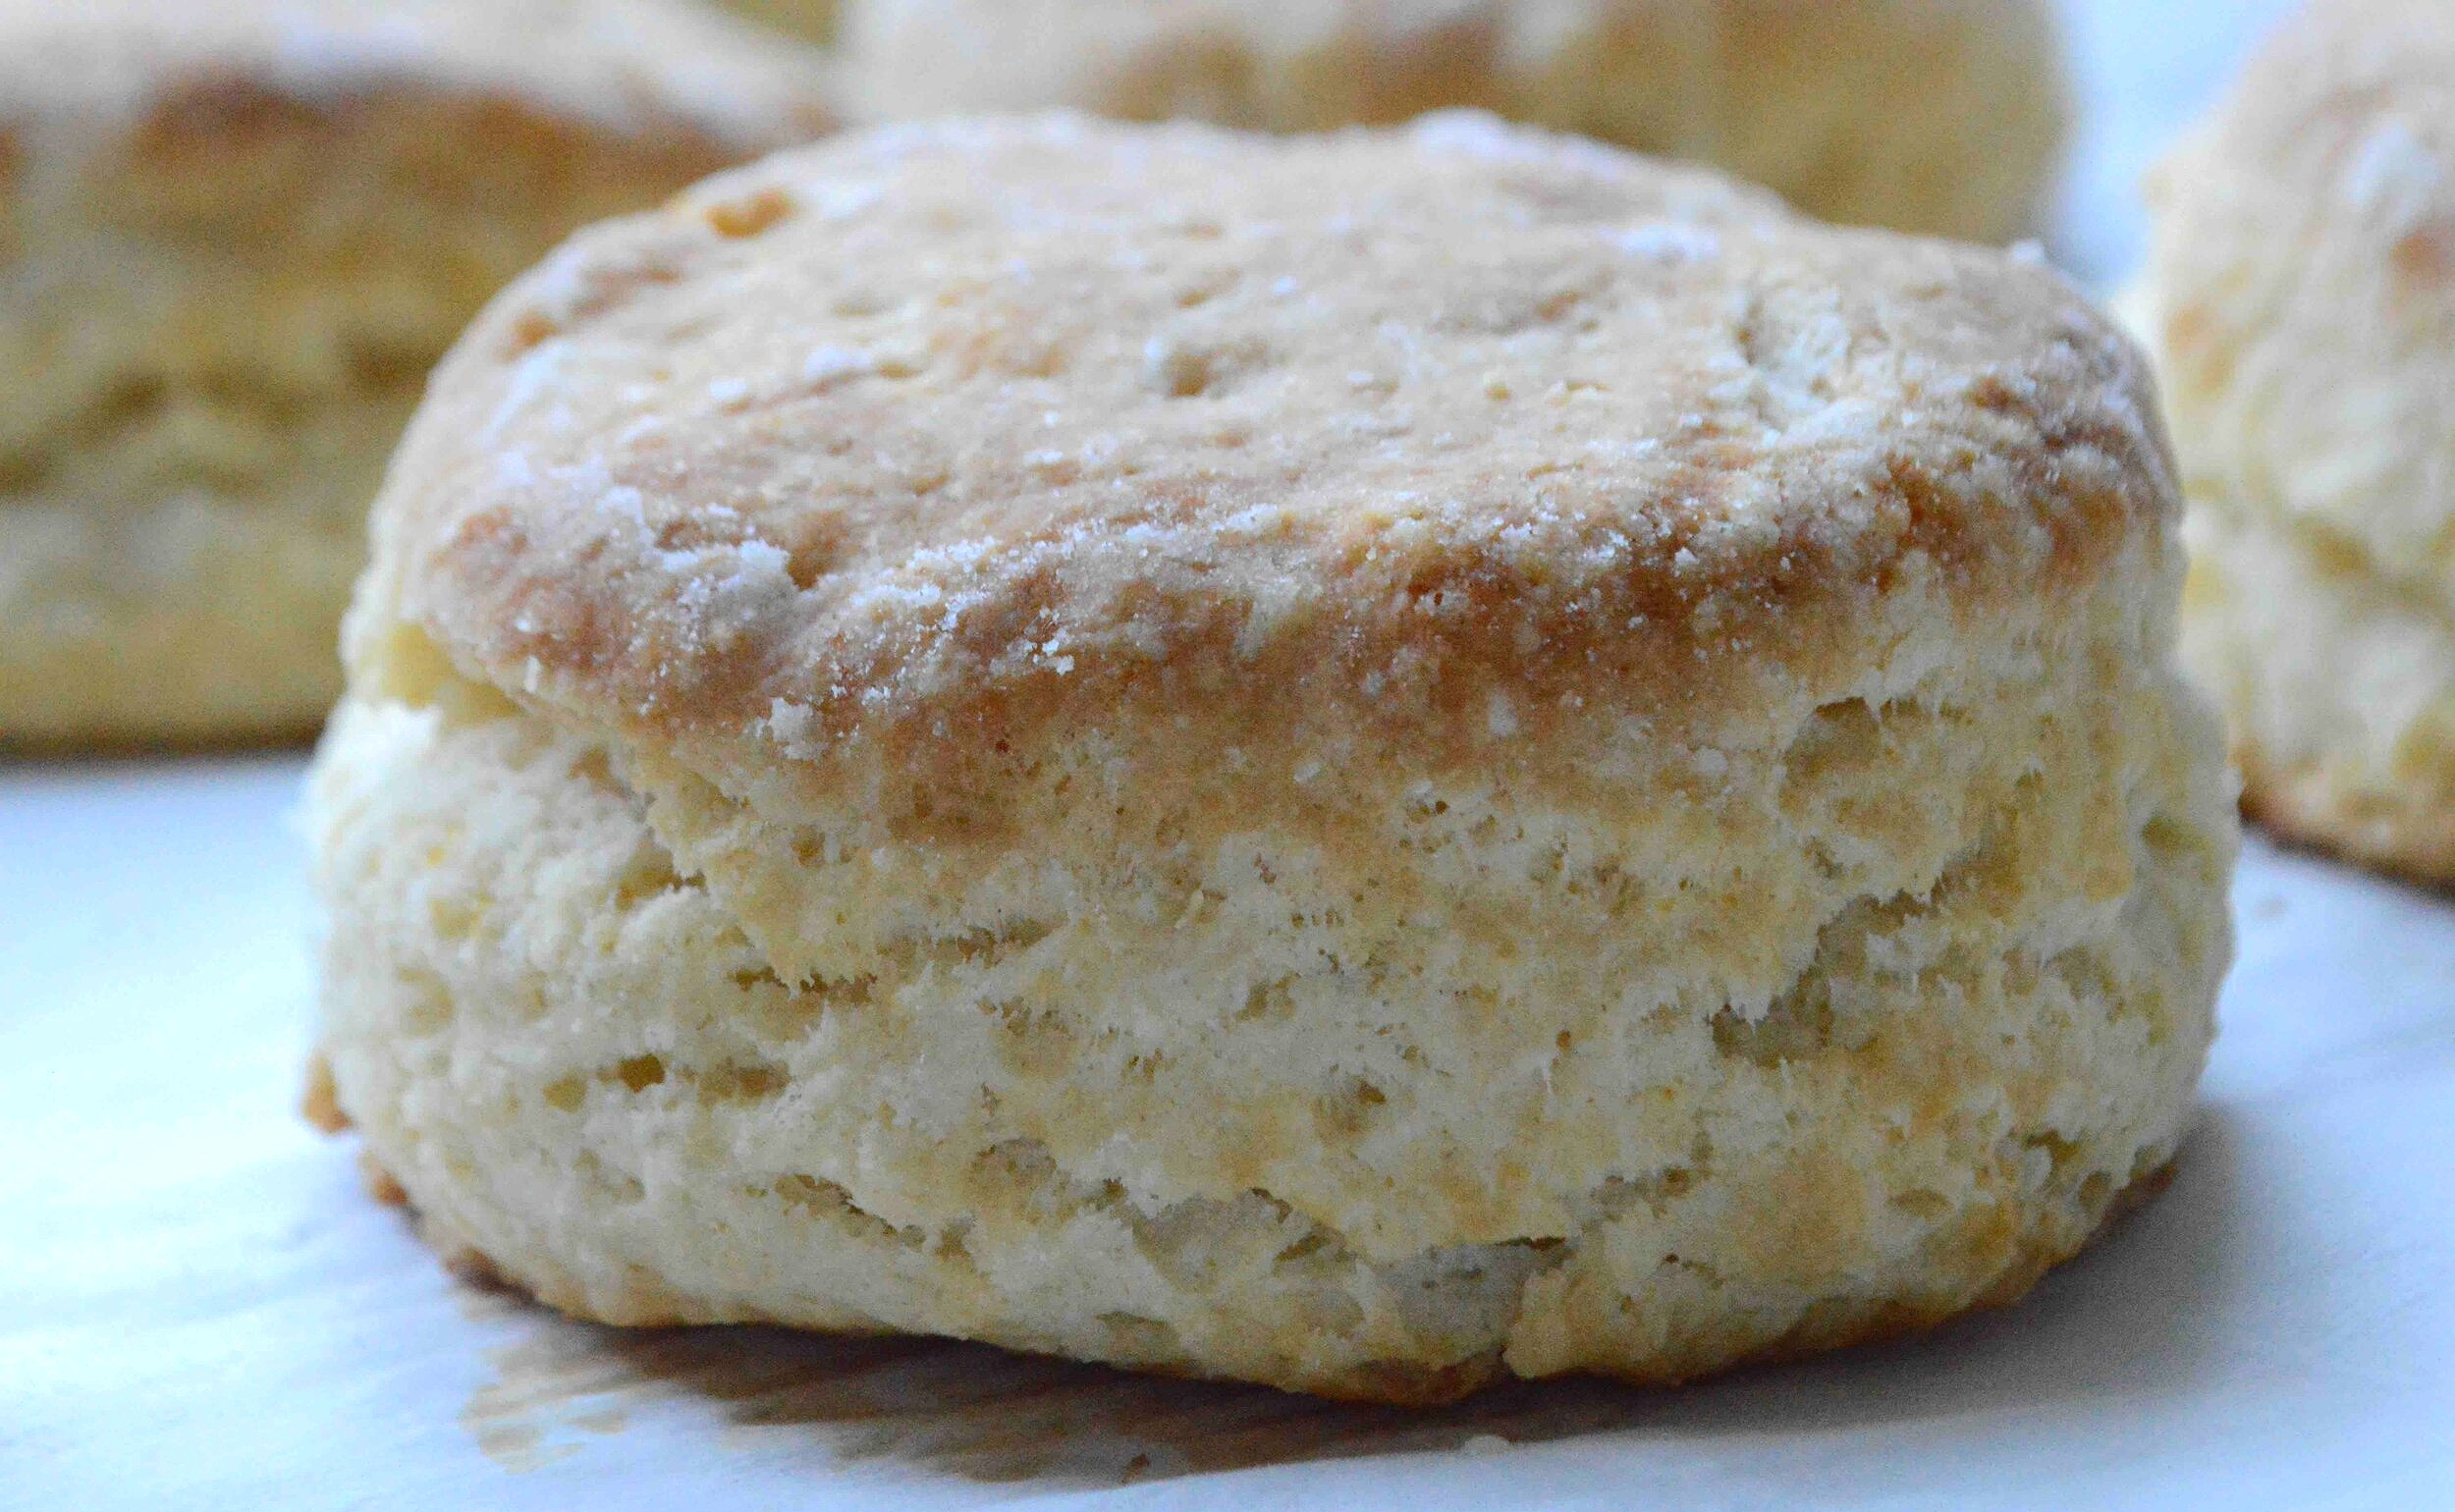 My+Favorite+Buttermilk+Biscuits